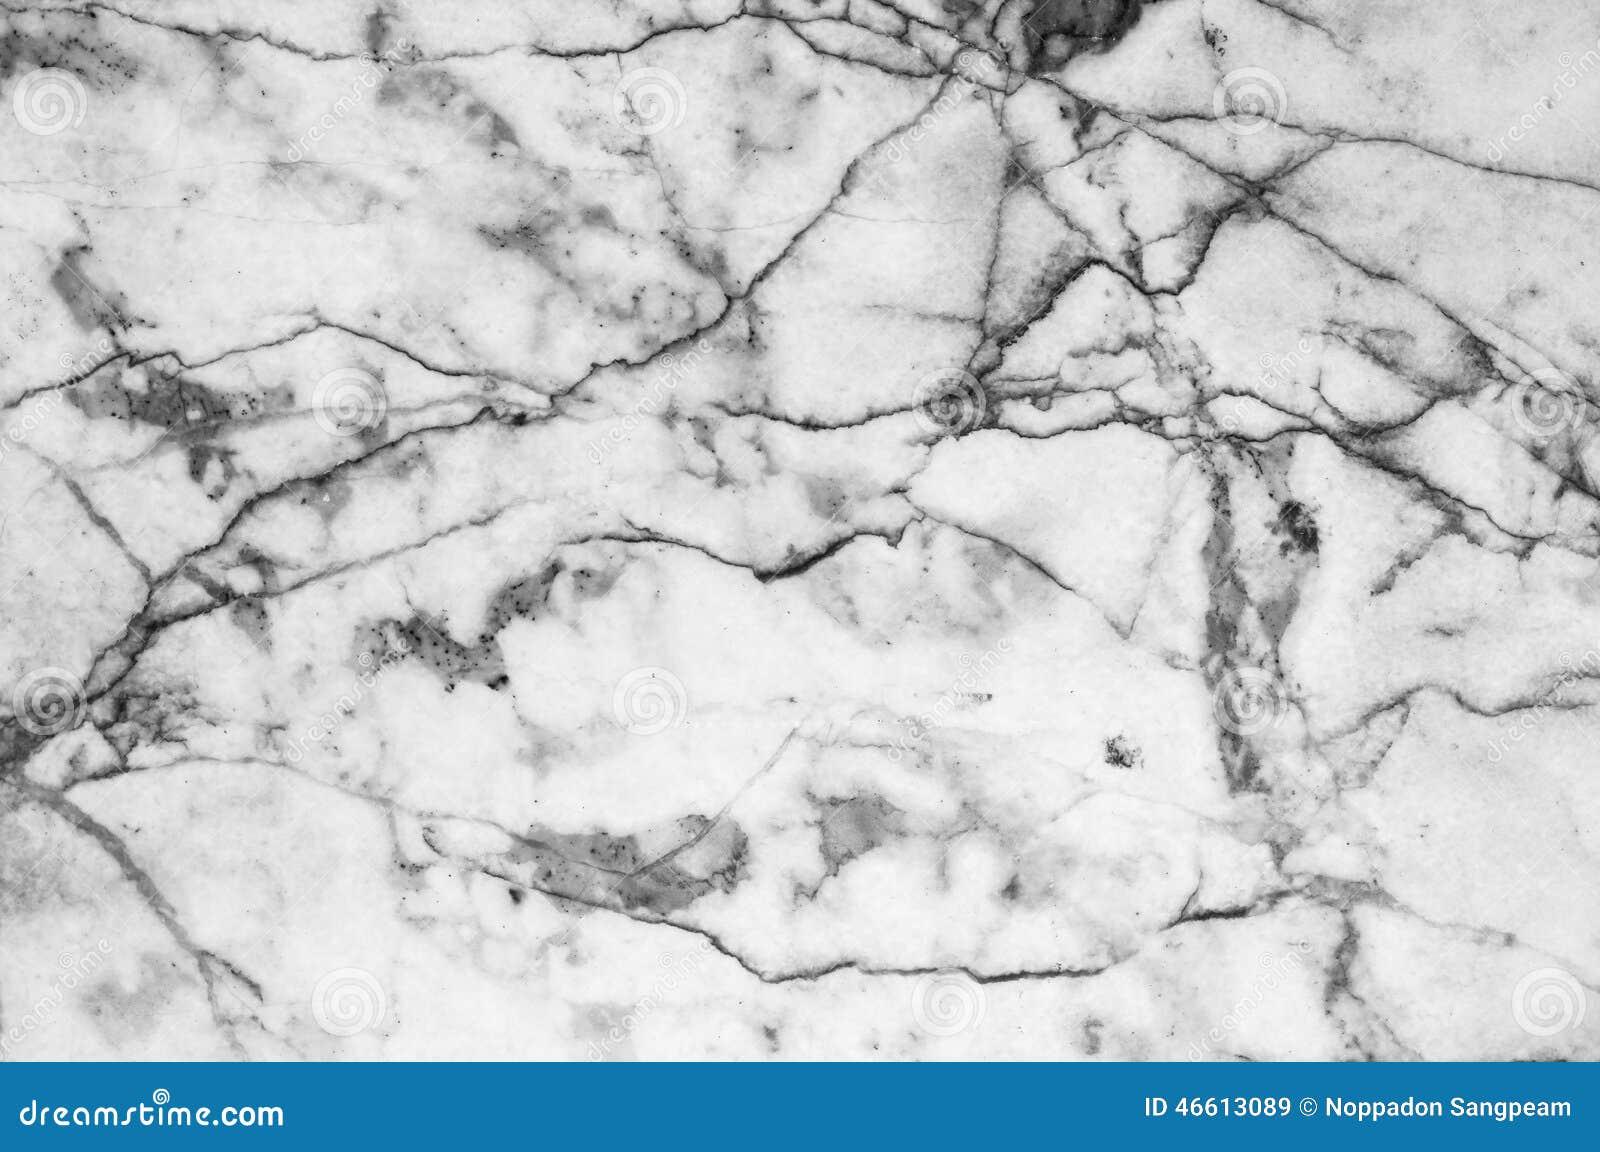 fond de texture model par marbre noir et blanc image stock image du peinture conception. Black Bedroom Furniture Sets. Home Design Ideas